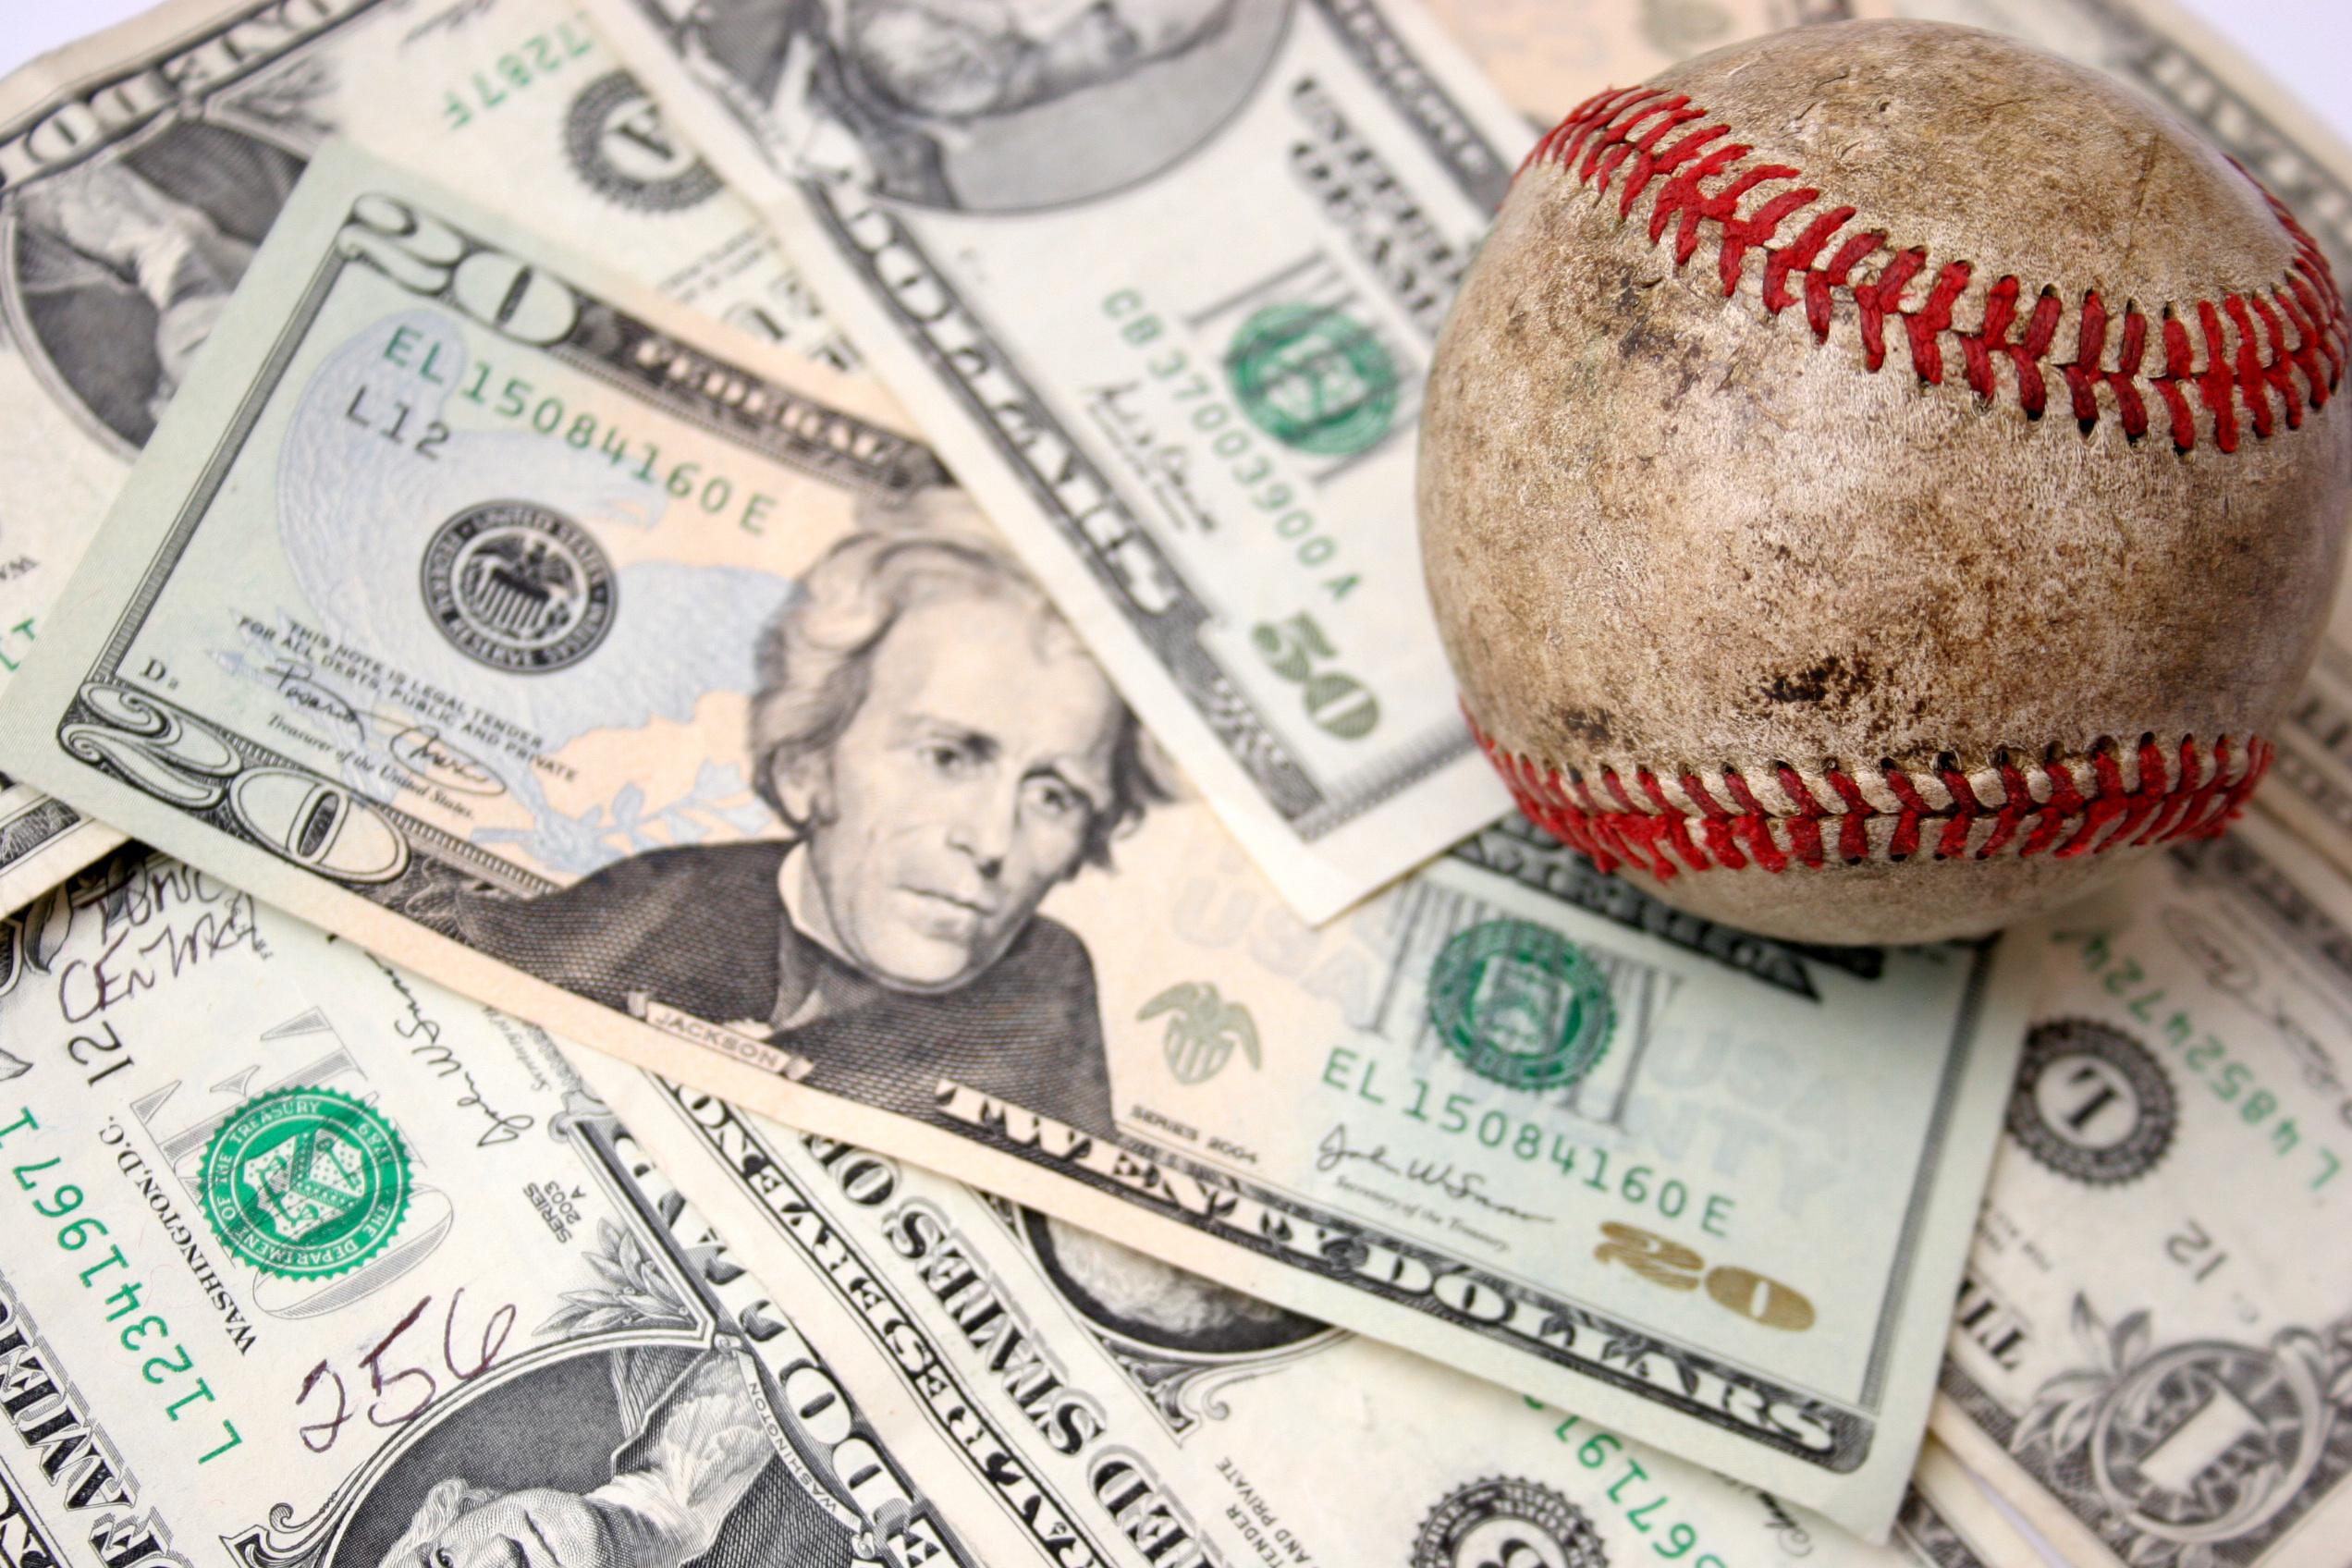 money under a baseball